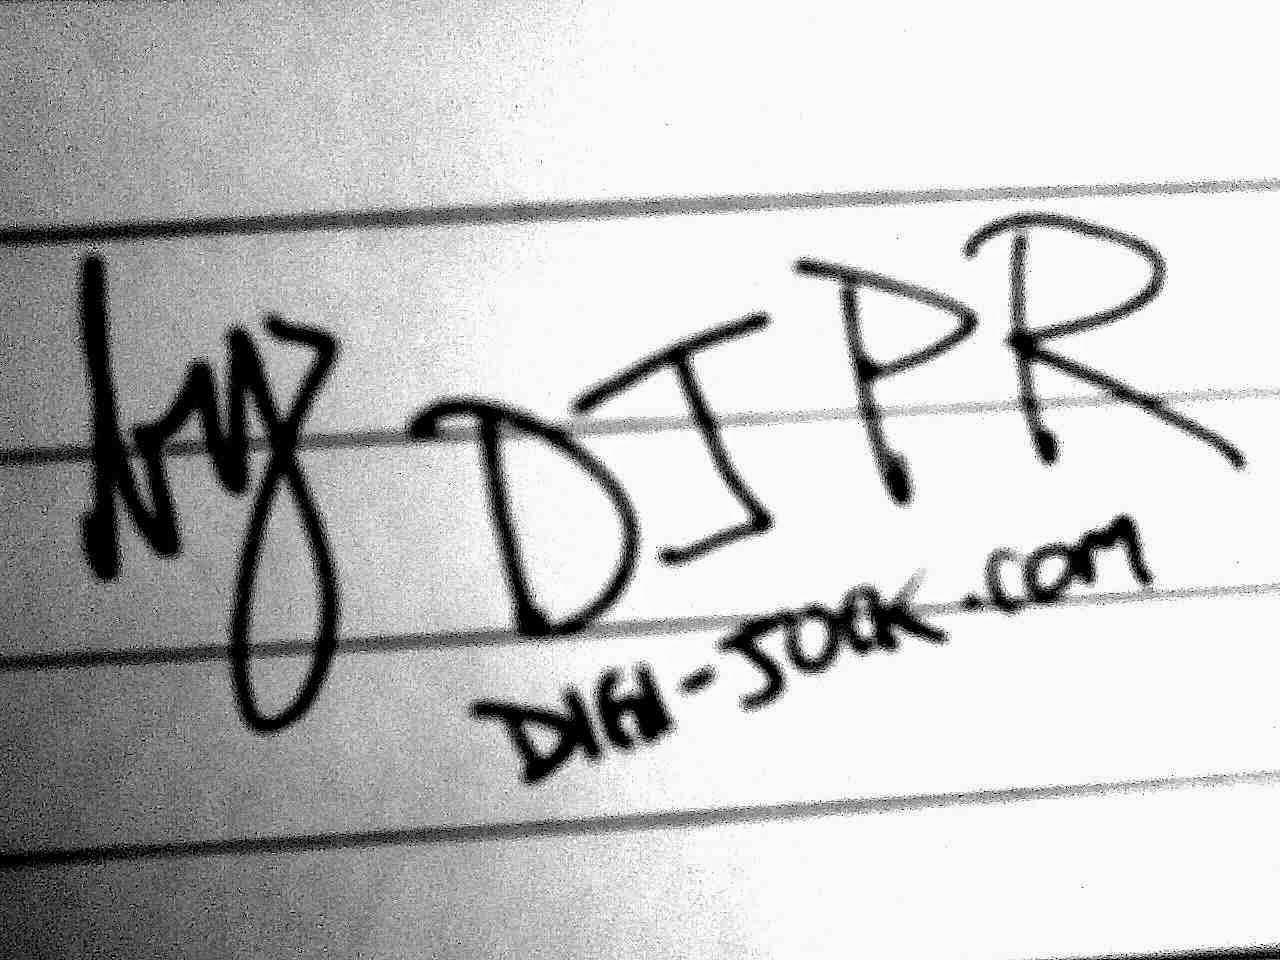 D I G I - J O C K